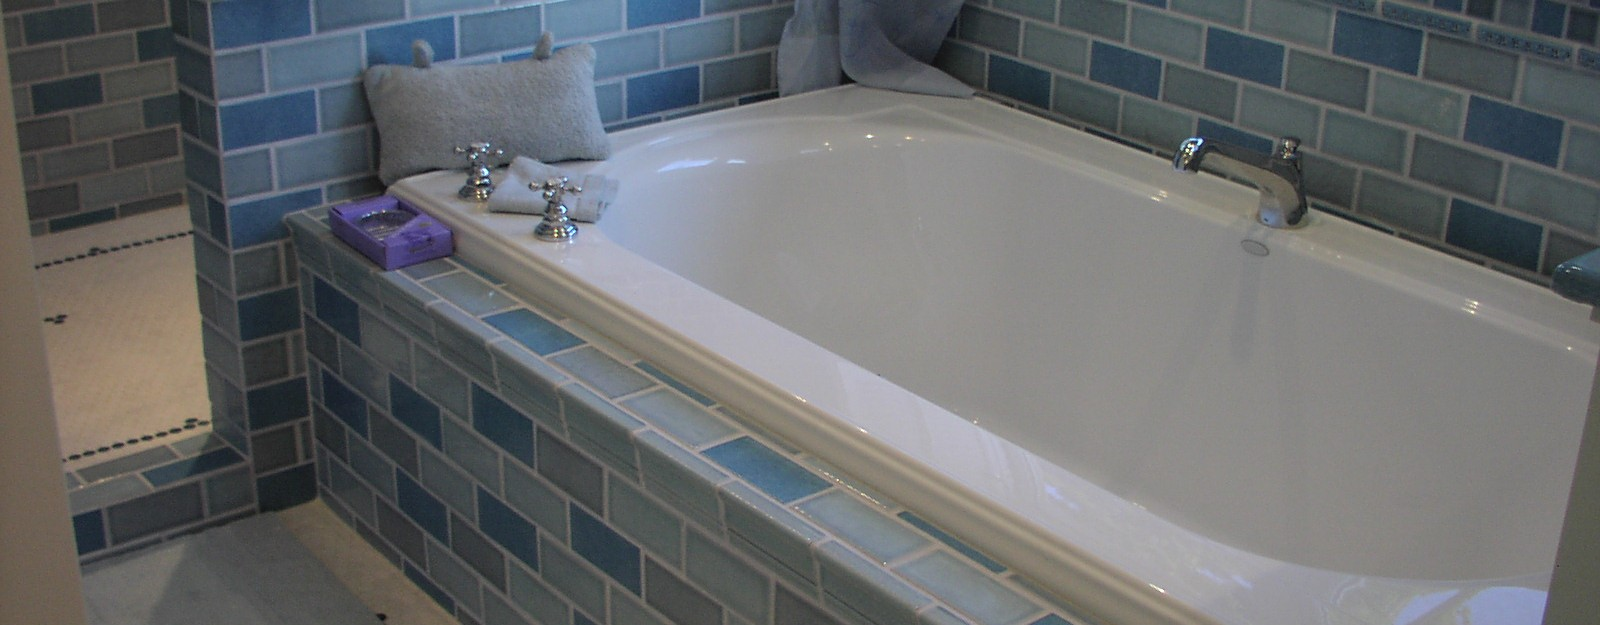 Wie bekomme ich meine Badewanne wieder weiß?